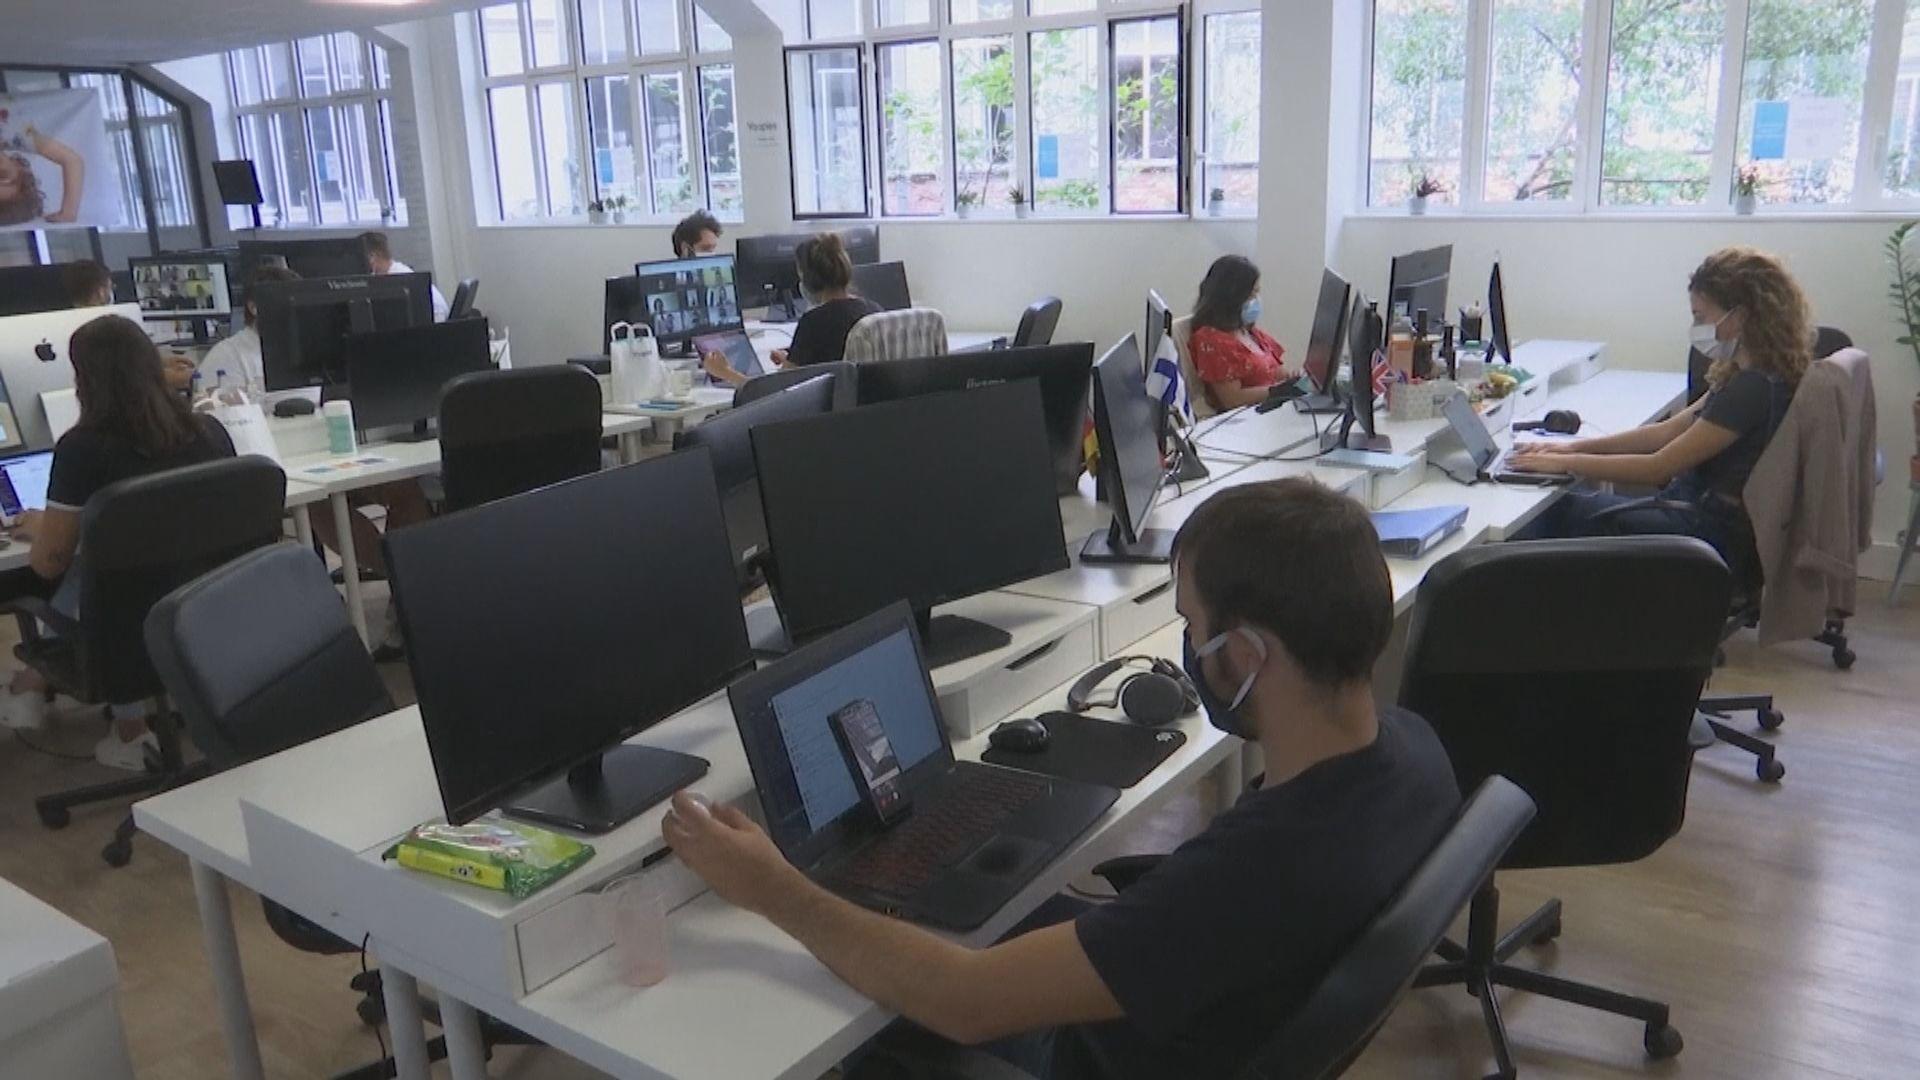 【環球薈報】法國容許僱員於辦公範圍內用膳